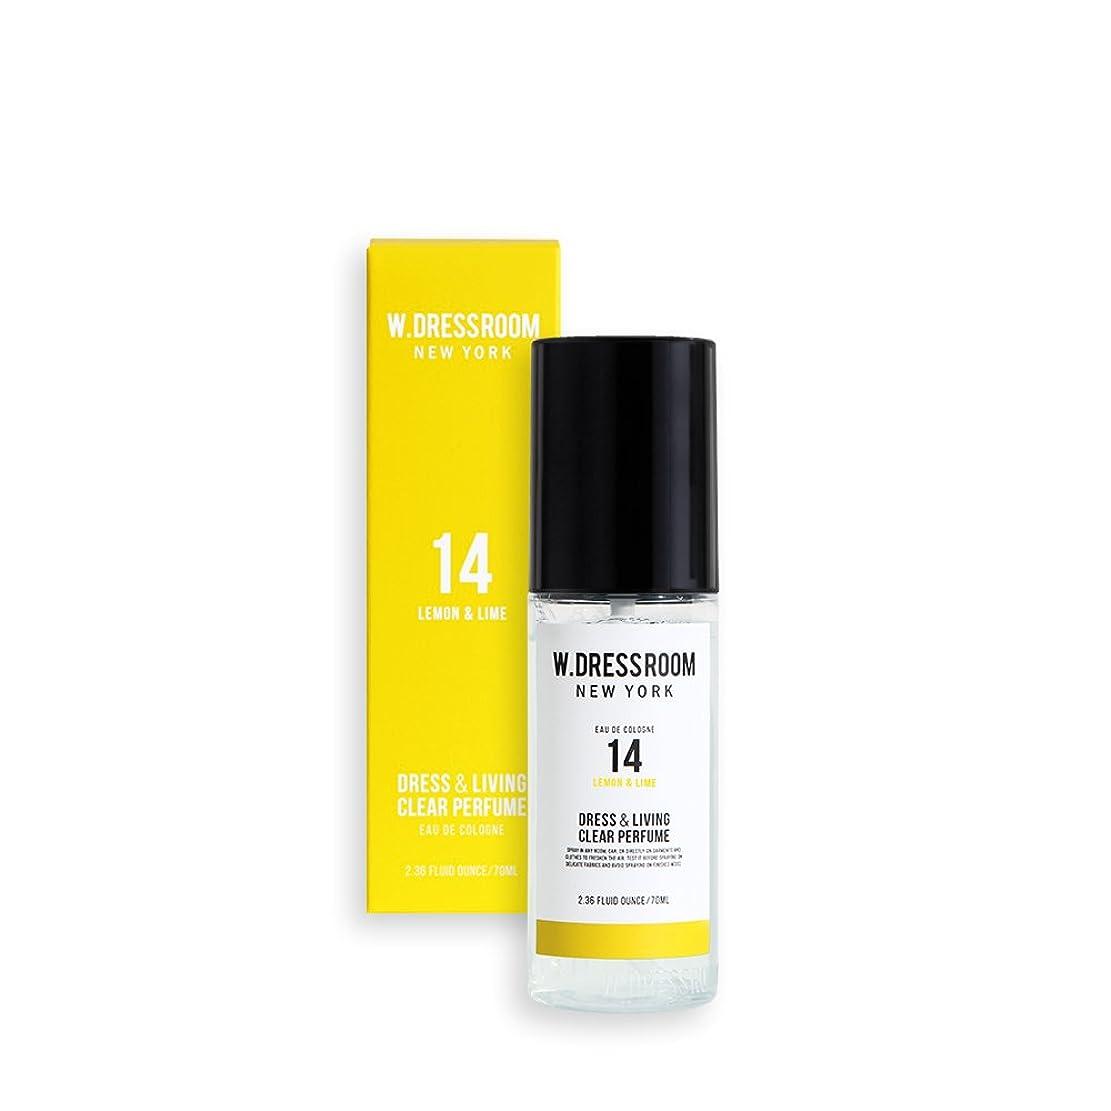 バター敵意白いW.DRESSROOM Dress & Living Clear Perfume 70ml/ダブルドレスルーム ドレス&リビング クリア パフューム 70ml (#No.14 Lemon & Lime) [並行輸入品]